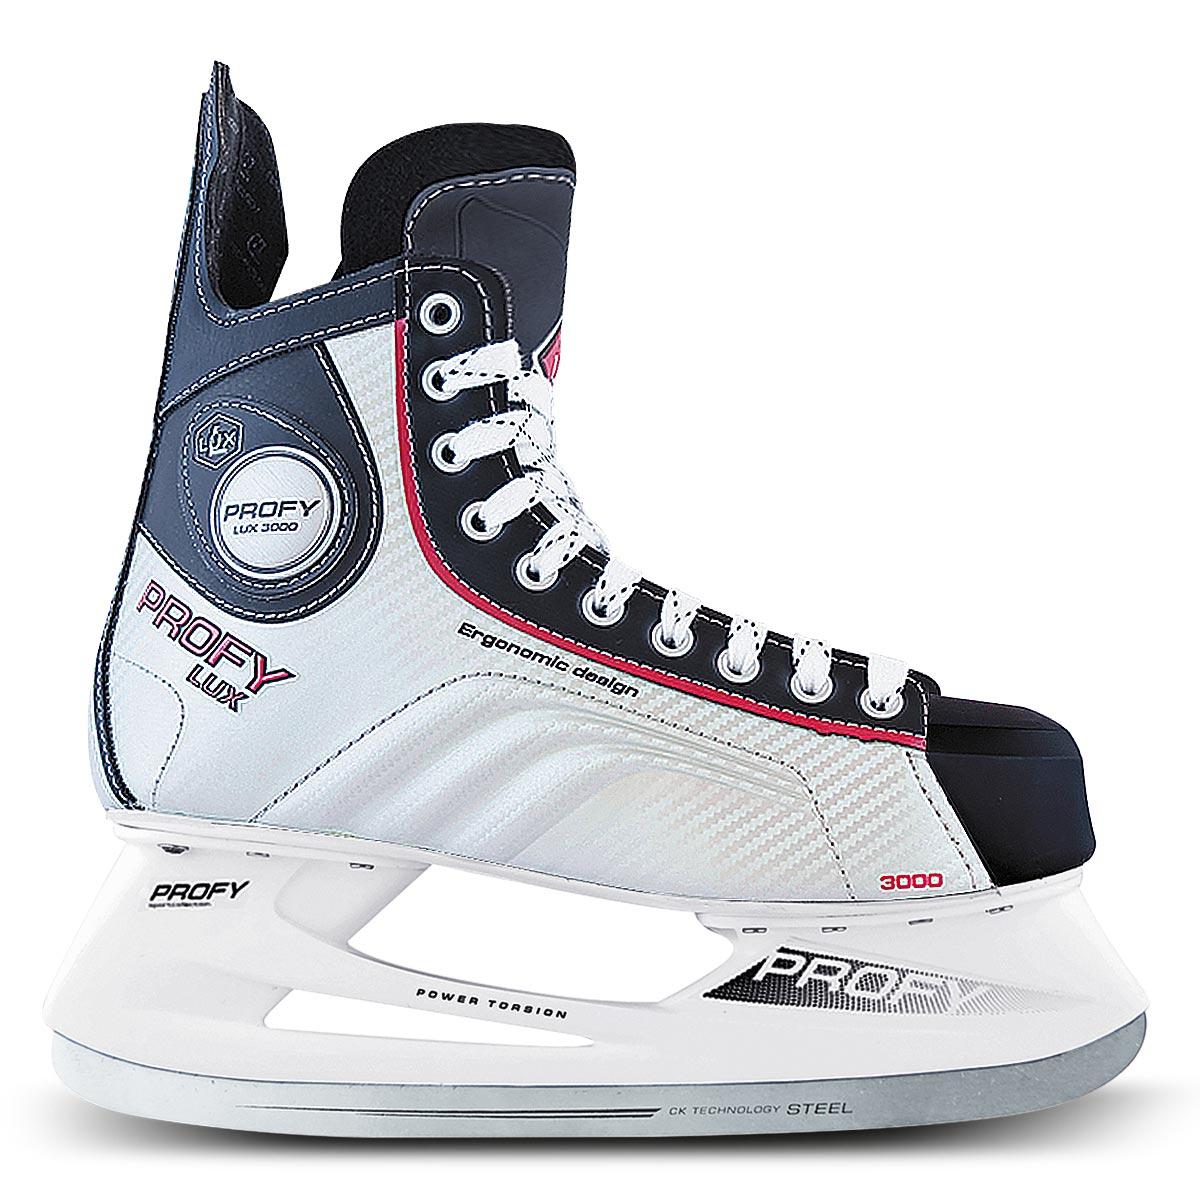 Коньки хоккейные мужские СК Profy Lux 3000, цвет: черный, серебряный, красный. Размер 39PROFY LUX 3000 Red_39Стильные коньки от CK Profy Lux 3000 Blue прекрасно подойдут для начинающих игроков в хоккей. Ботинок выполнен из морозоустойчивой искусственной кожи и ПВХ с высокой, плотной колодкой и усиленным задником, обеспечивающим боковую поддержку ноги. Мыс дополнен вставкой, которая защитит ноги от ударов. Внутренний слой и стелька изготовлены из мягкого трикотажа, который обеспечит тепло и комфорт во время катания, язычок - из войлока. Плотная шнуровка надежно фиксирует модель на ноге. Голеностоп имеет удобный суппорт. По бокам, на язычке и заднике коньки декорированы принтом и тиснением в виде логотипа бренда. Подошва - из твердого пластика. Стойка выполнена из ударопрочного поливинилхлорида. Лезвие из нержавеющей стали обеспечит превосходное скольжение. Оригинальные коньки придутся вам по душе.